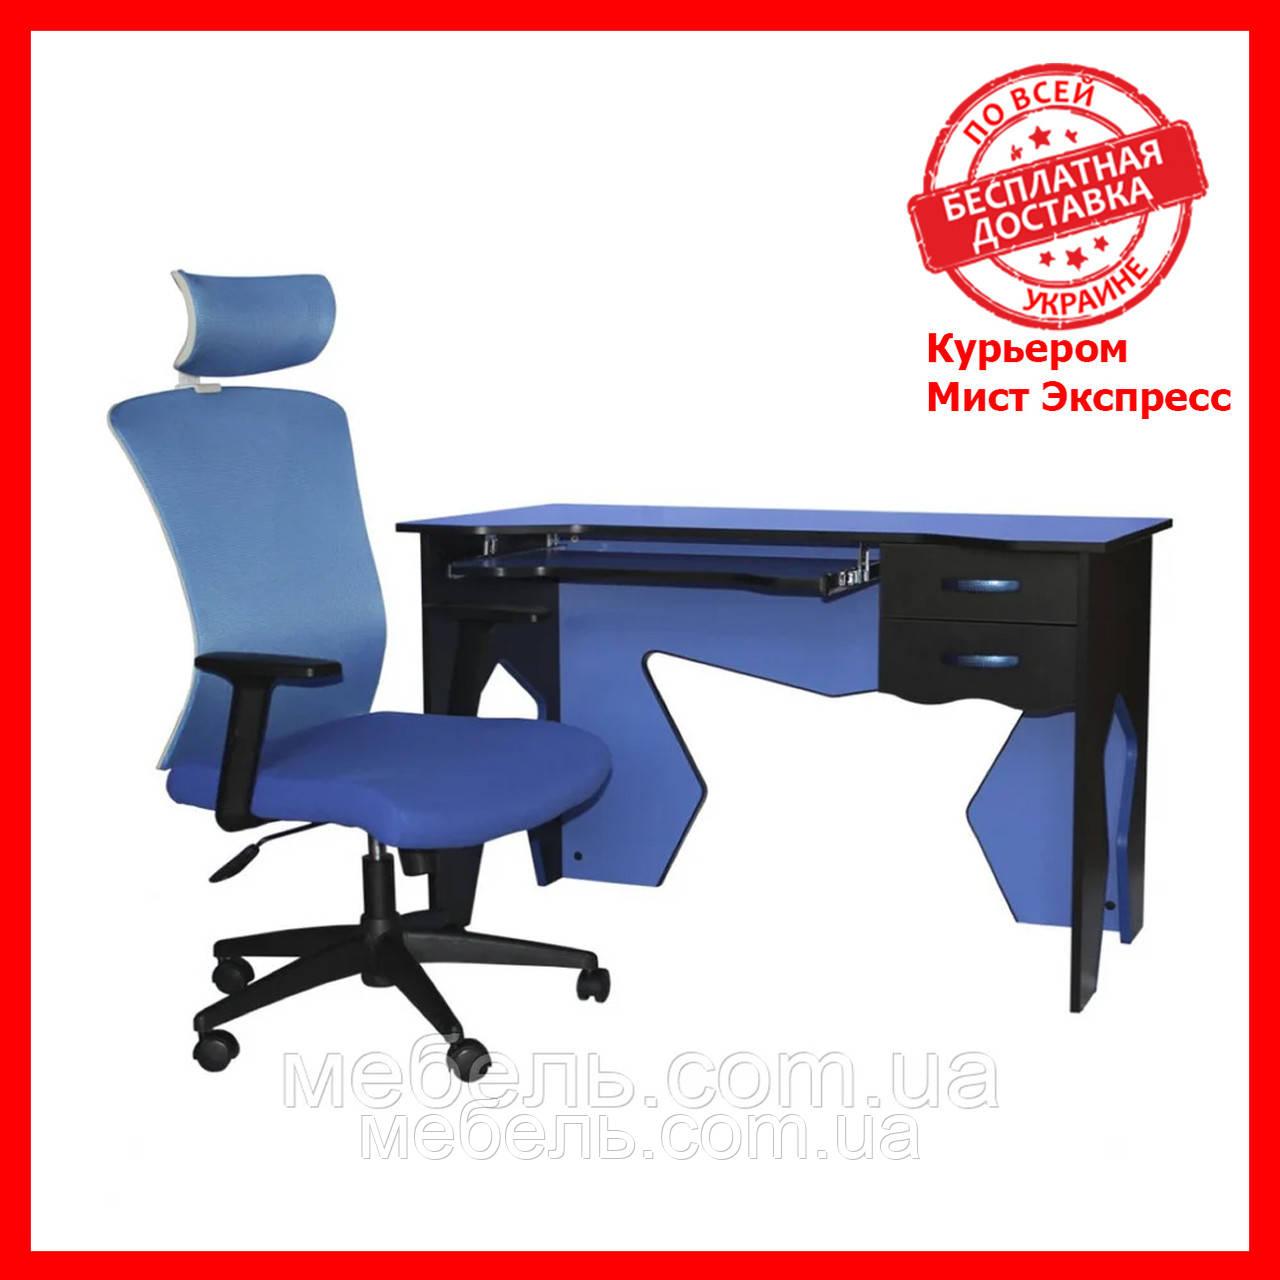 Компьютерный стол со стулом Barsky HG-01/BM-05 Homework Blue, рабочая станция